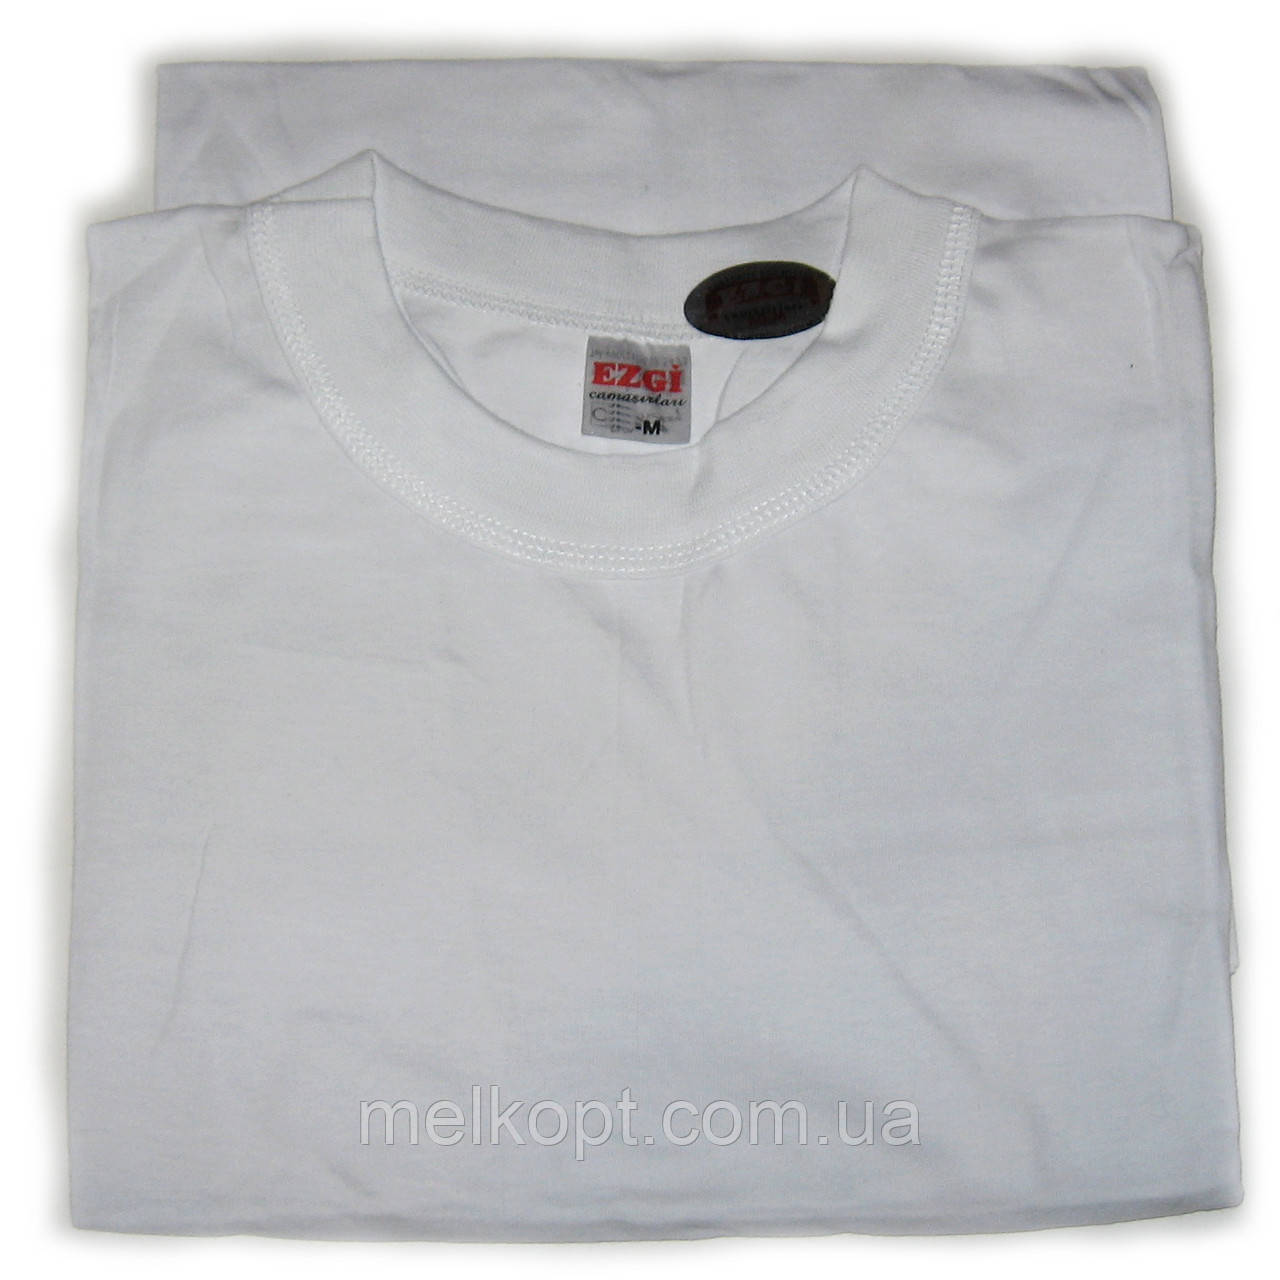 Чоловічі футболки Ezgi - 71,00 грн./шт. (75-й розмір, білі)